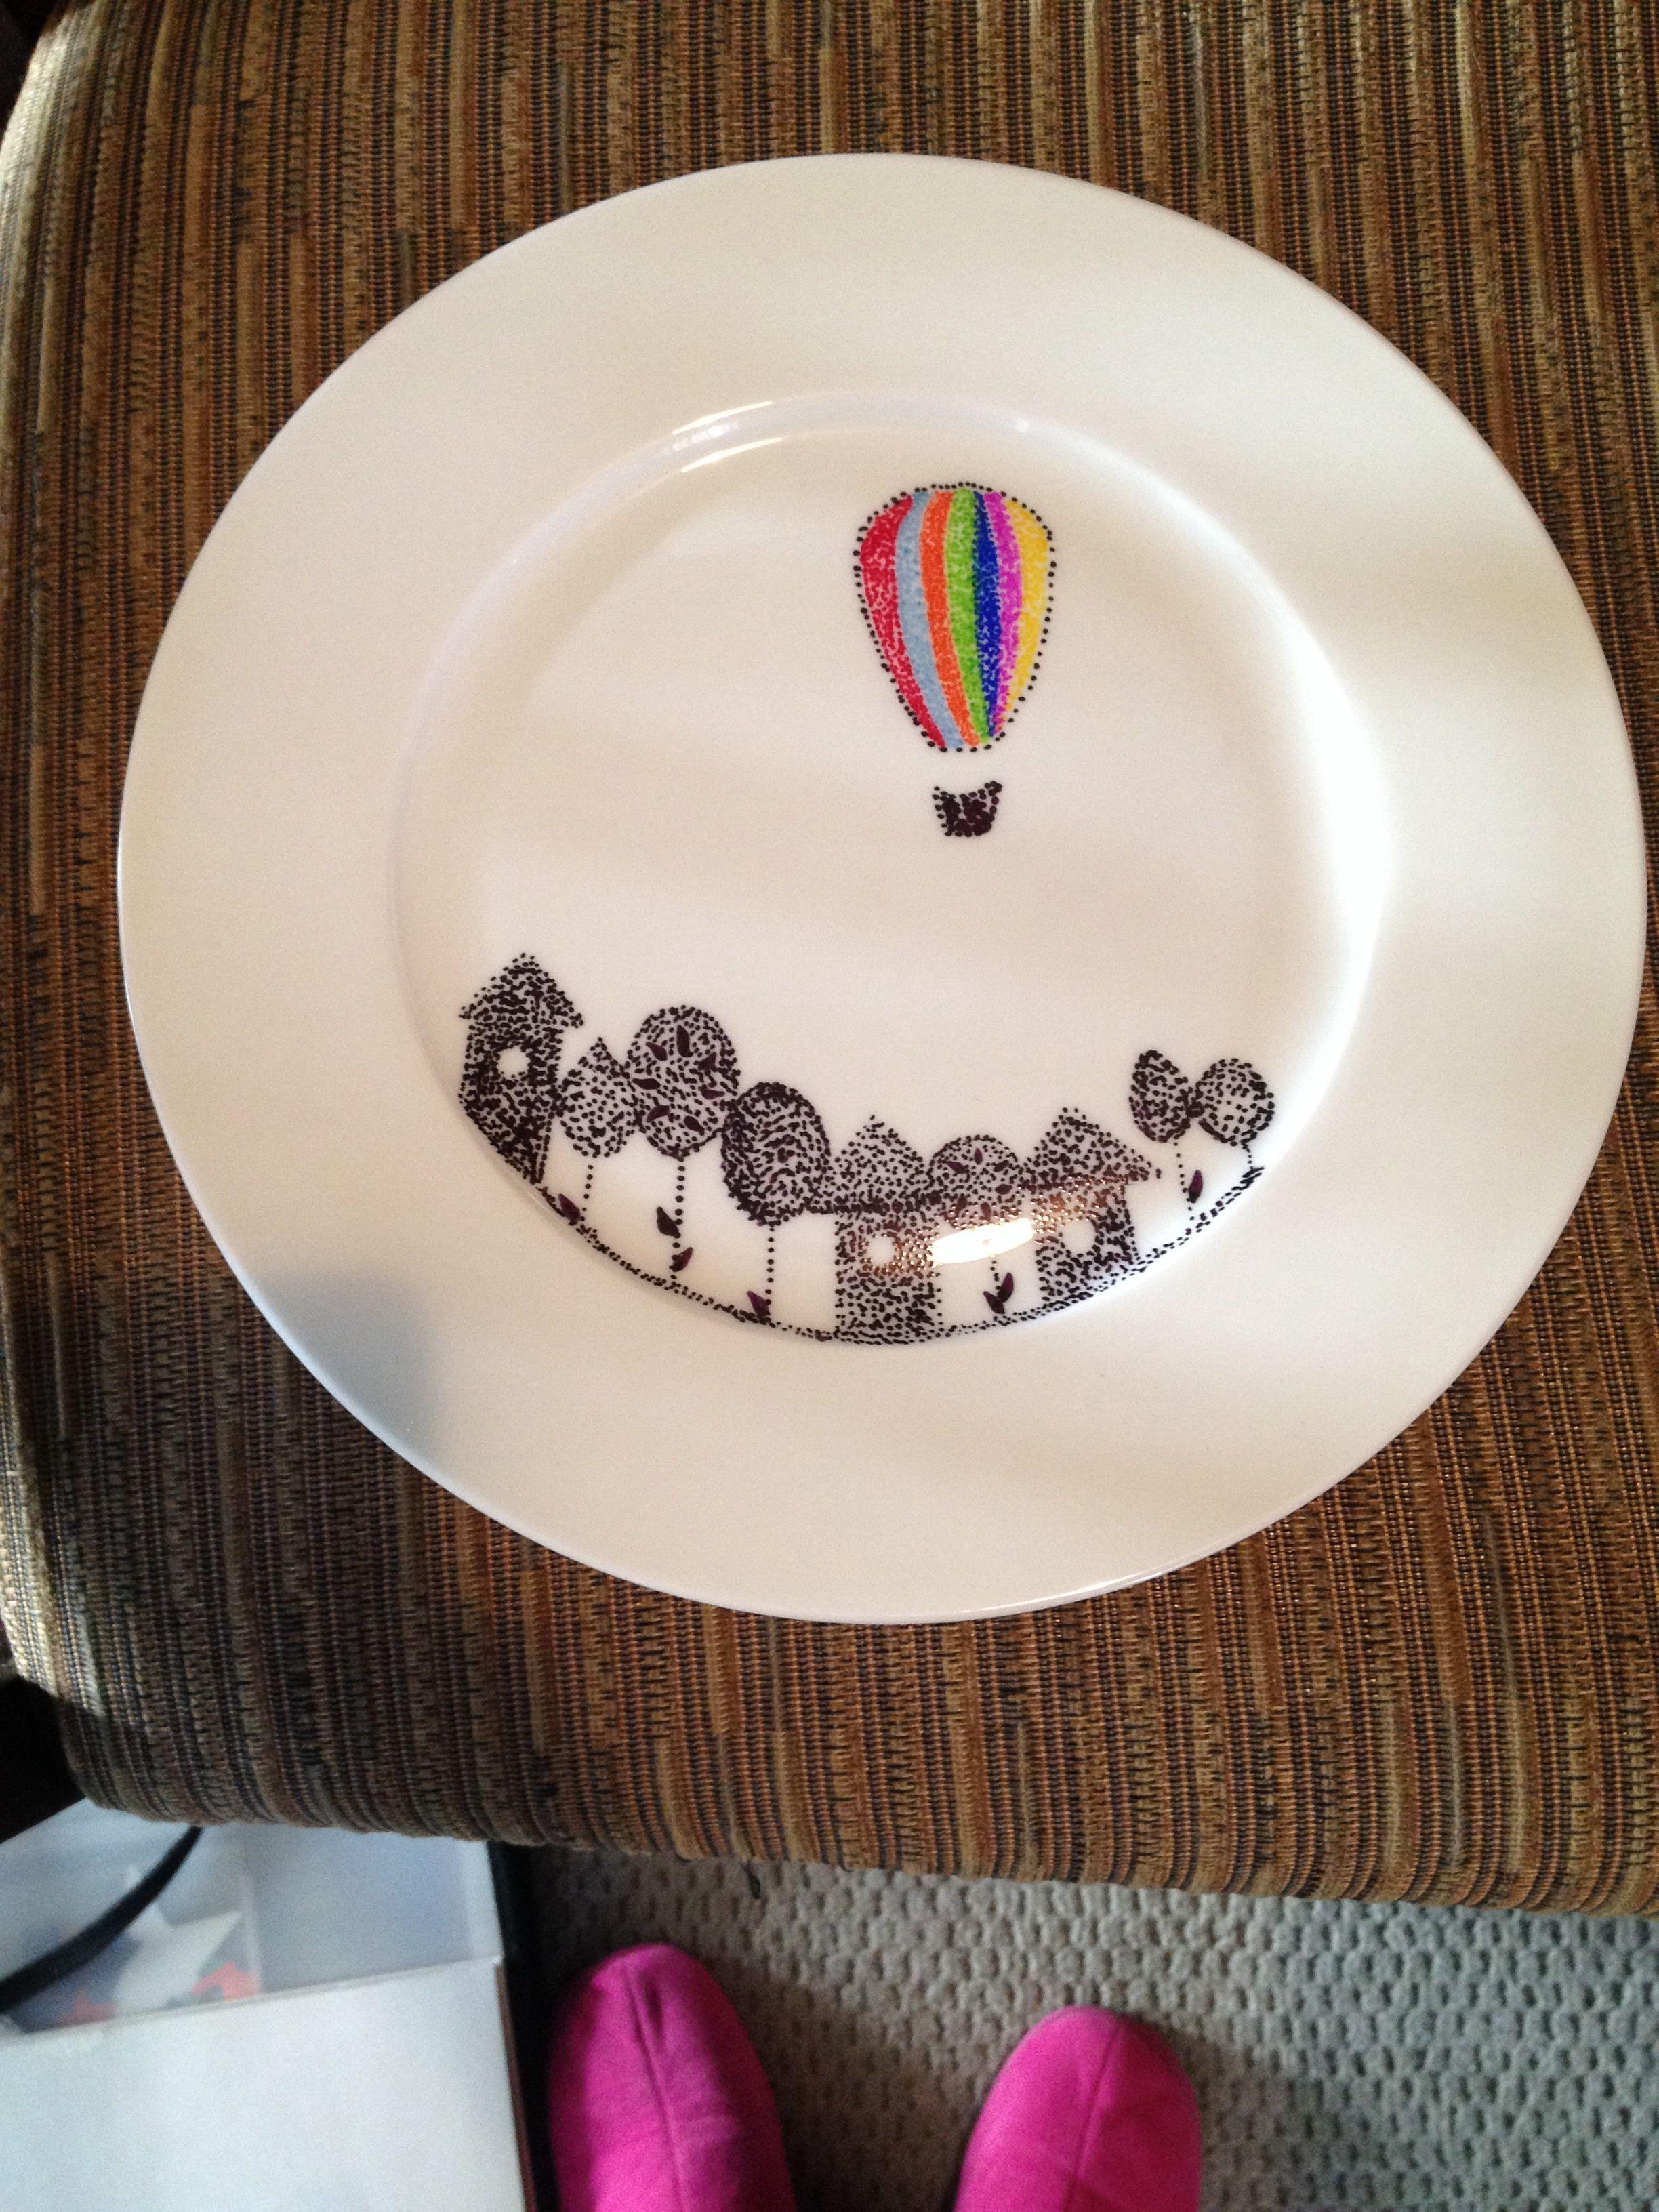 Homemade sharpie plate #sharpieplates Homemade sharpie plate #sharpieplates Homemade sharpie plate #sharpieplates Homemade sharpie plate #sharpieplates